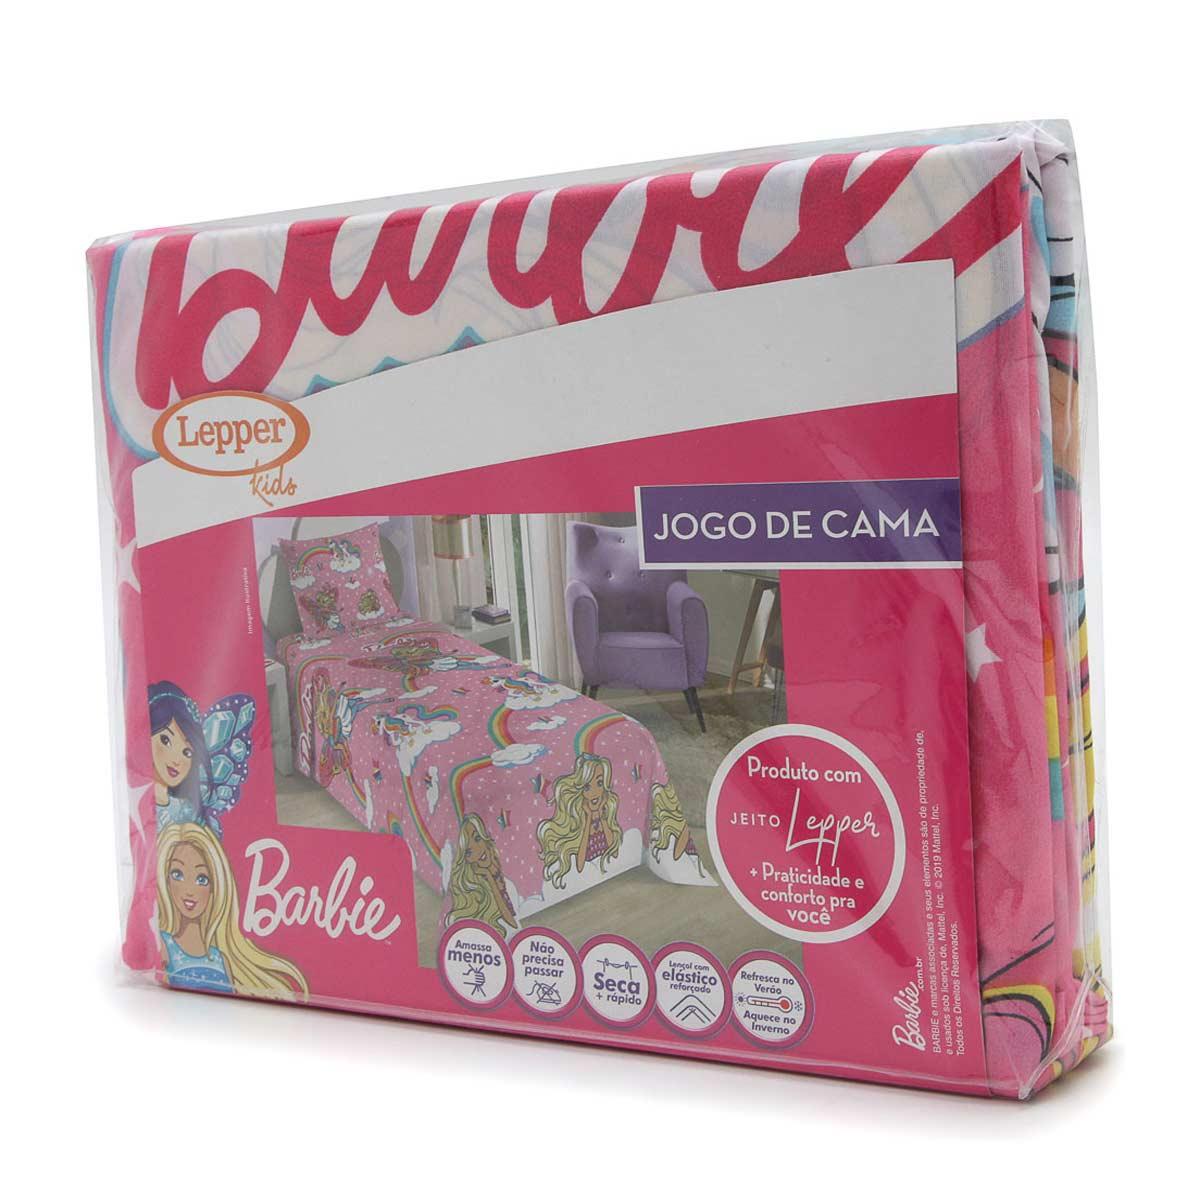 Jogo De Cama Infantil Barbie Rosa 3 Peças Lepper